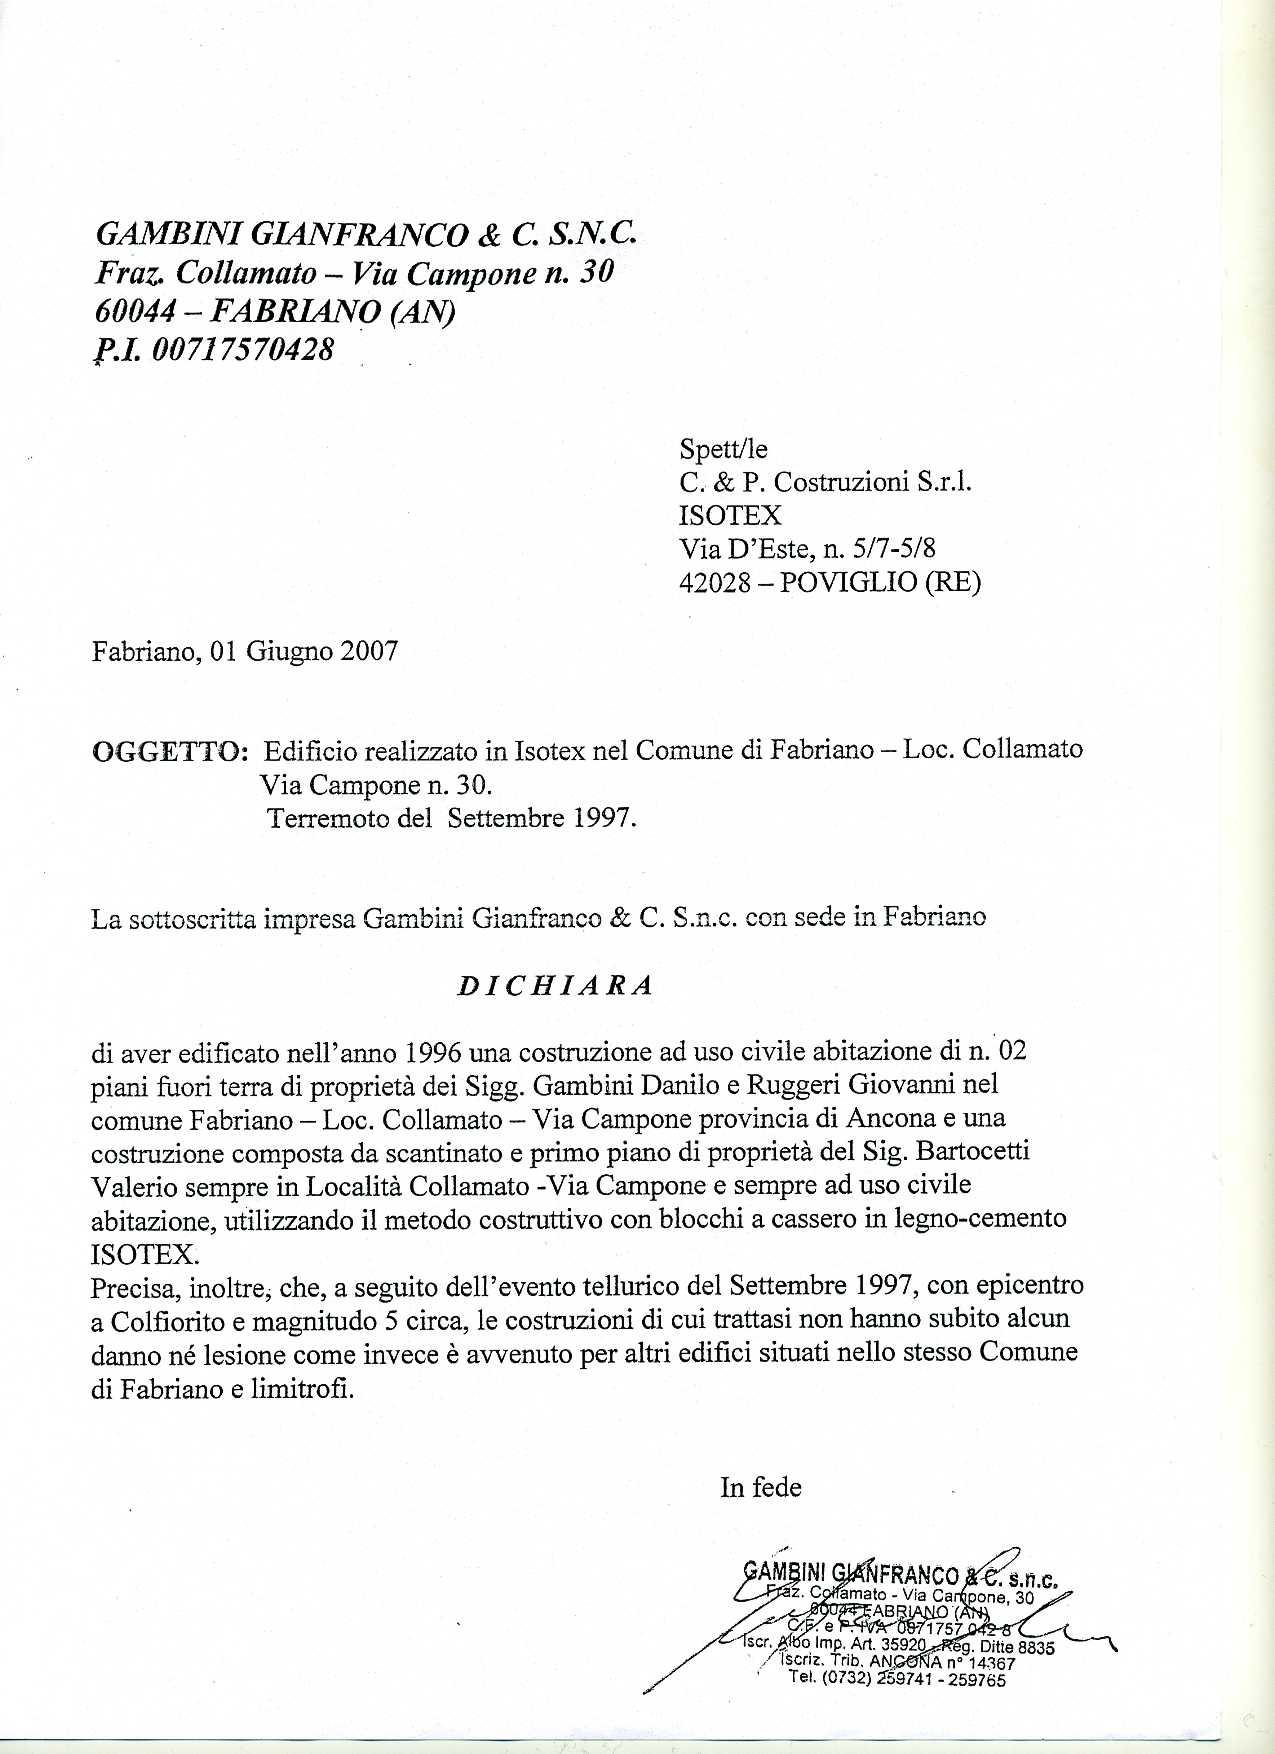 ``La empresa firmante Gambini Gianfranco declara que después del terremoto de septiembre de 1997 con epicentro en Colfiorito y magnitud aproximada de 5, las construcciones no han sufrido ningún daño ni grieta.``